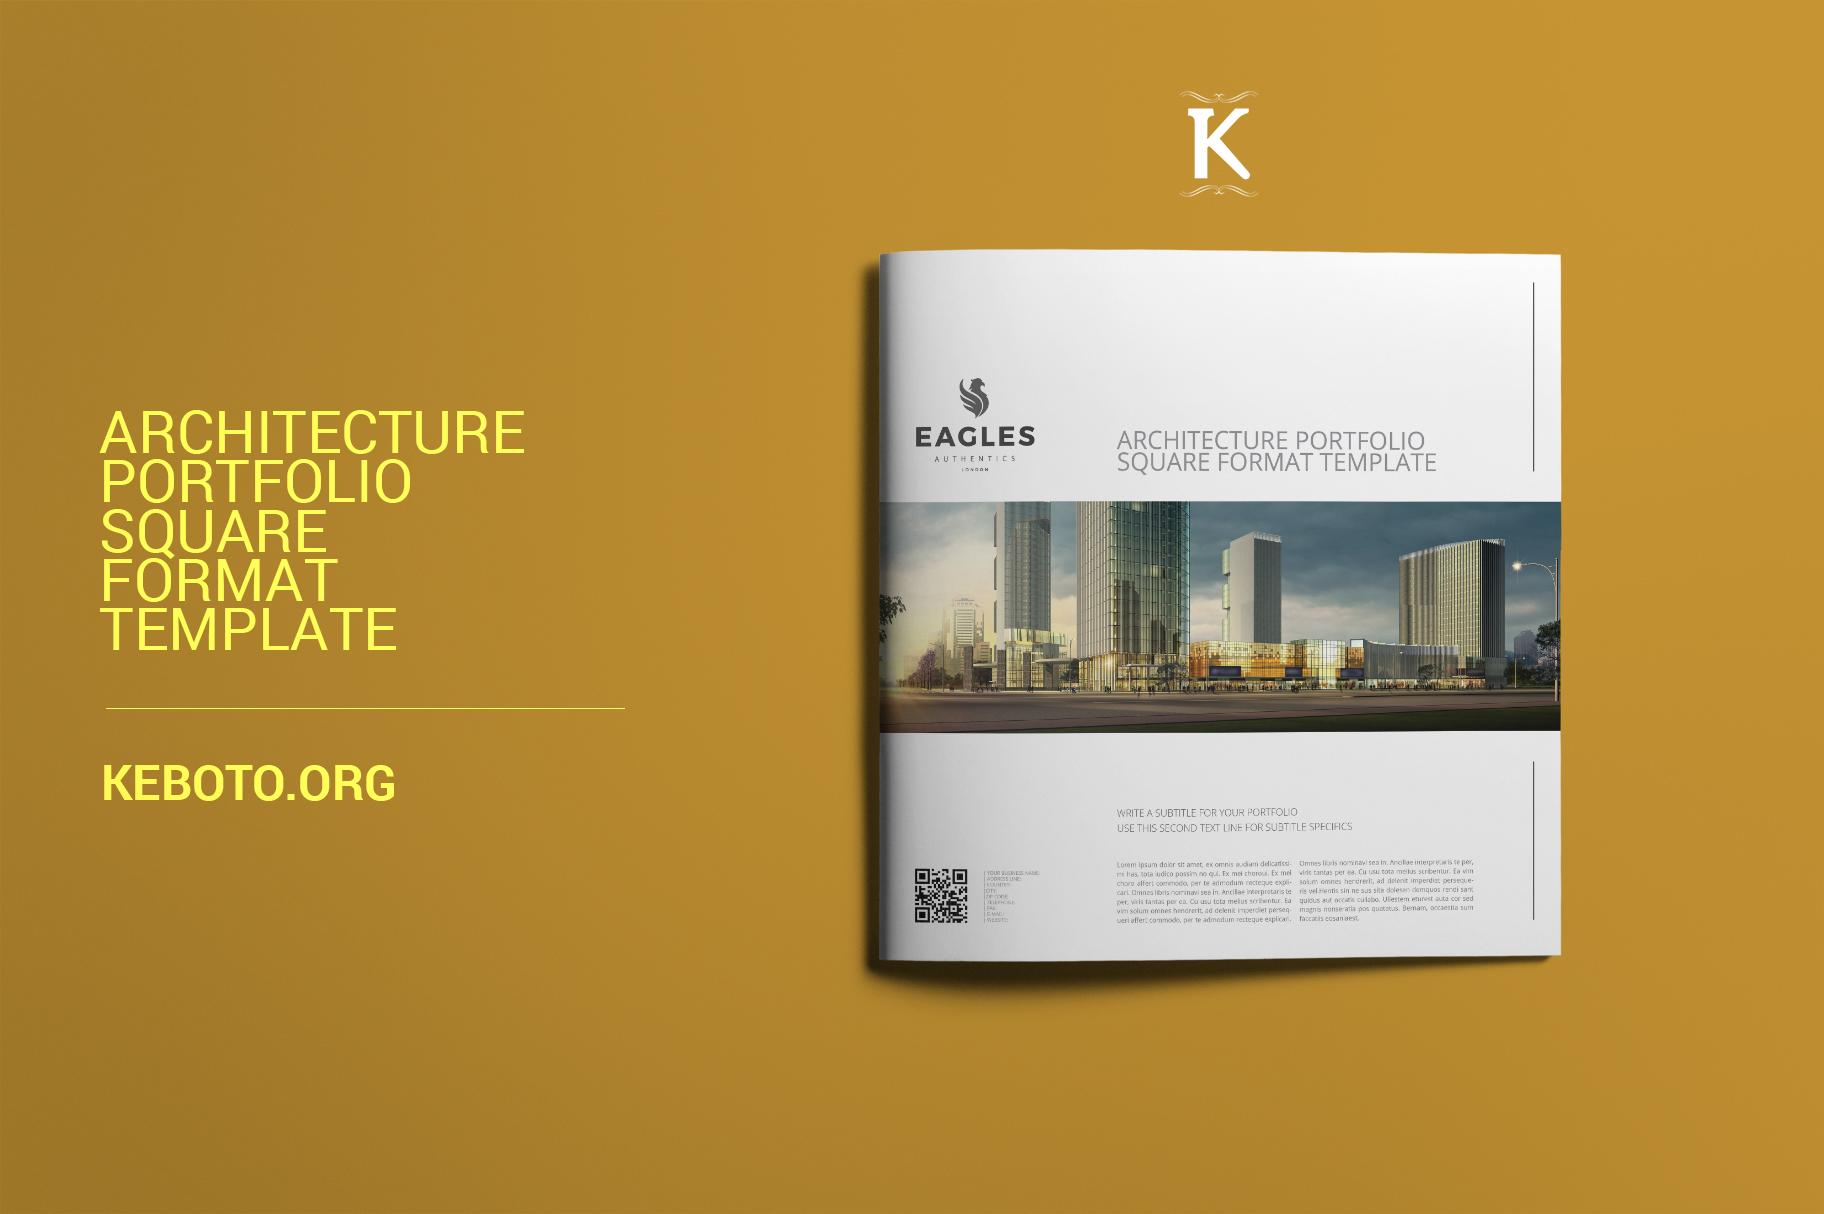 Architecture Portfolio Square Format Template example image 1